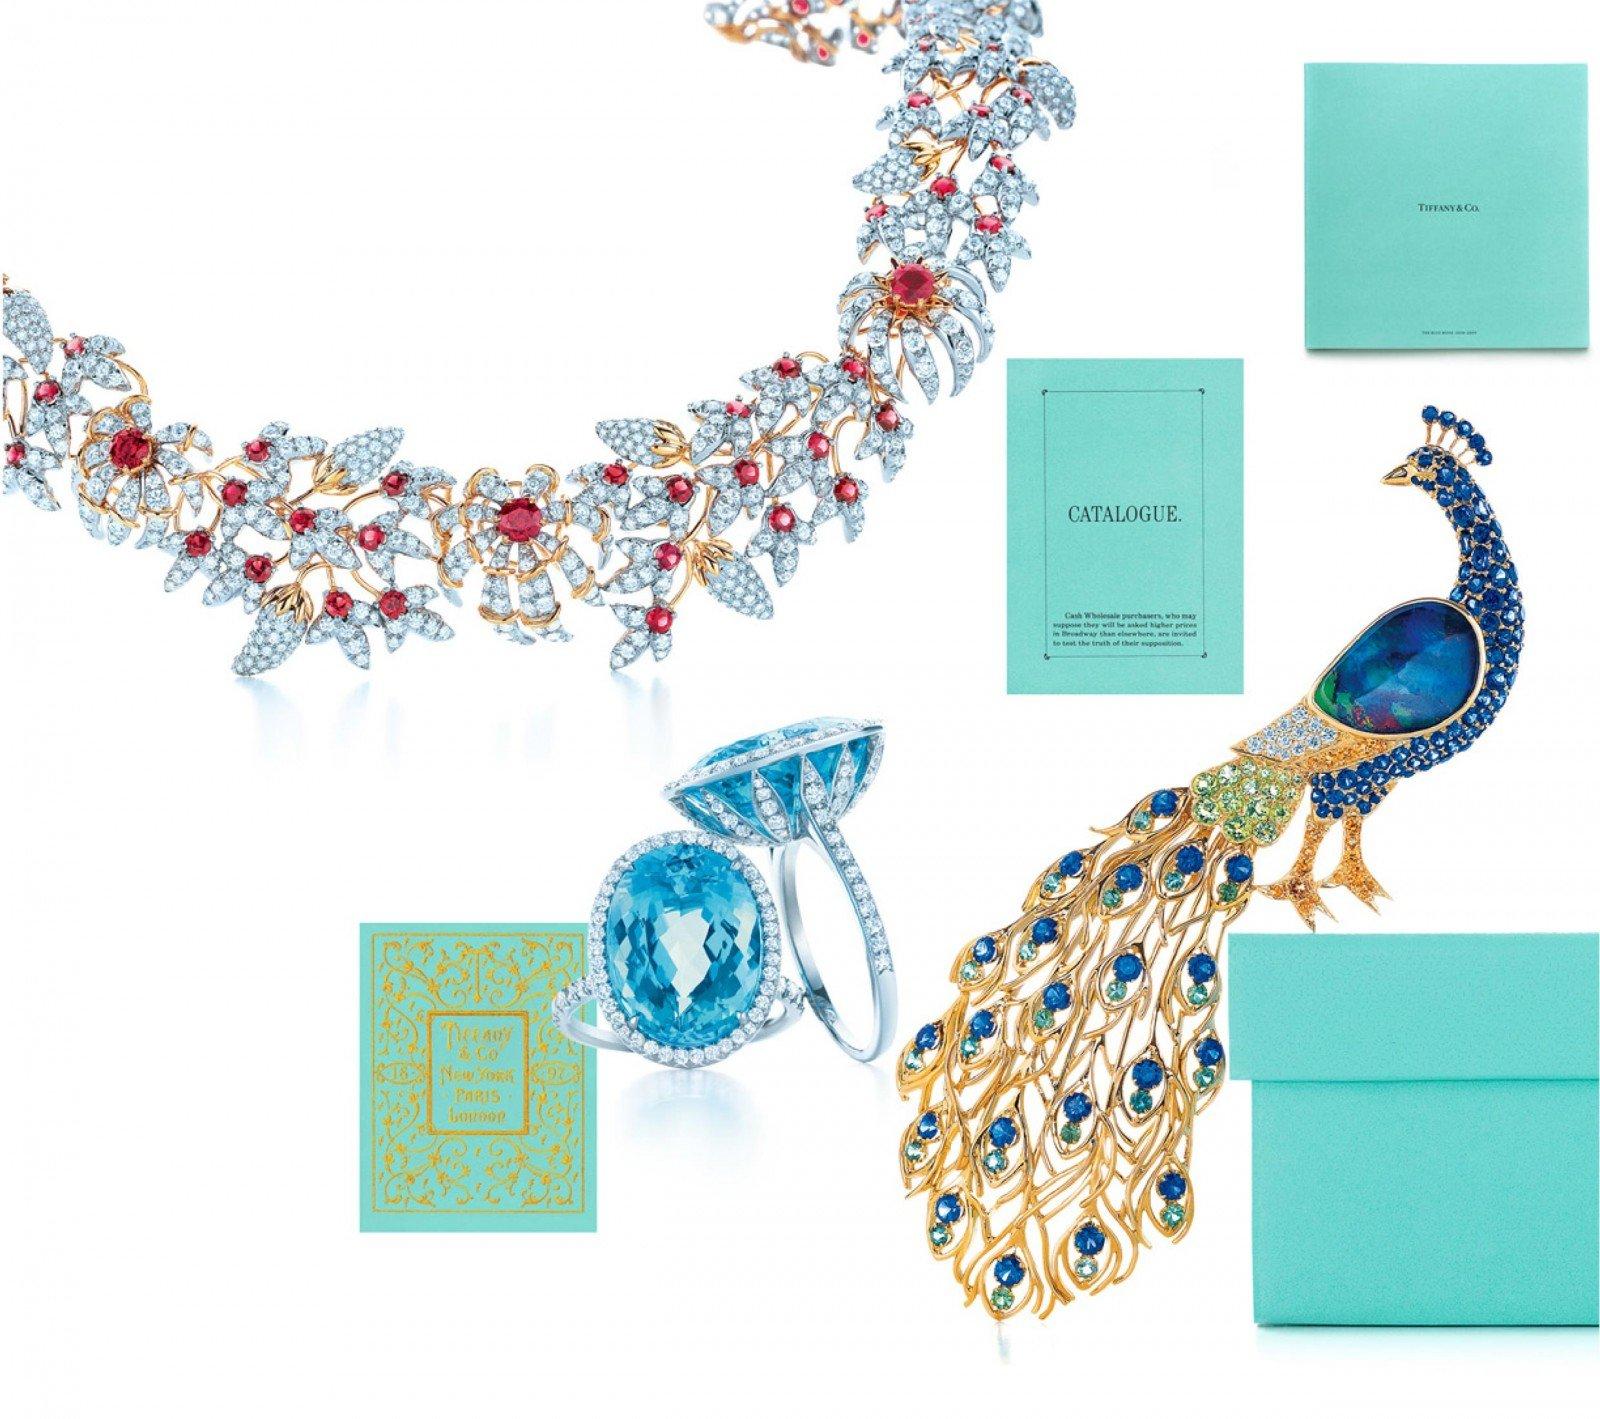 Blue Book de Tiffany & Co, el catálogo más deseado